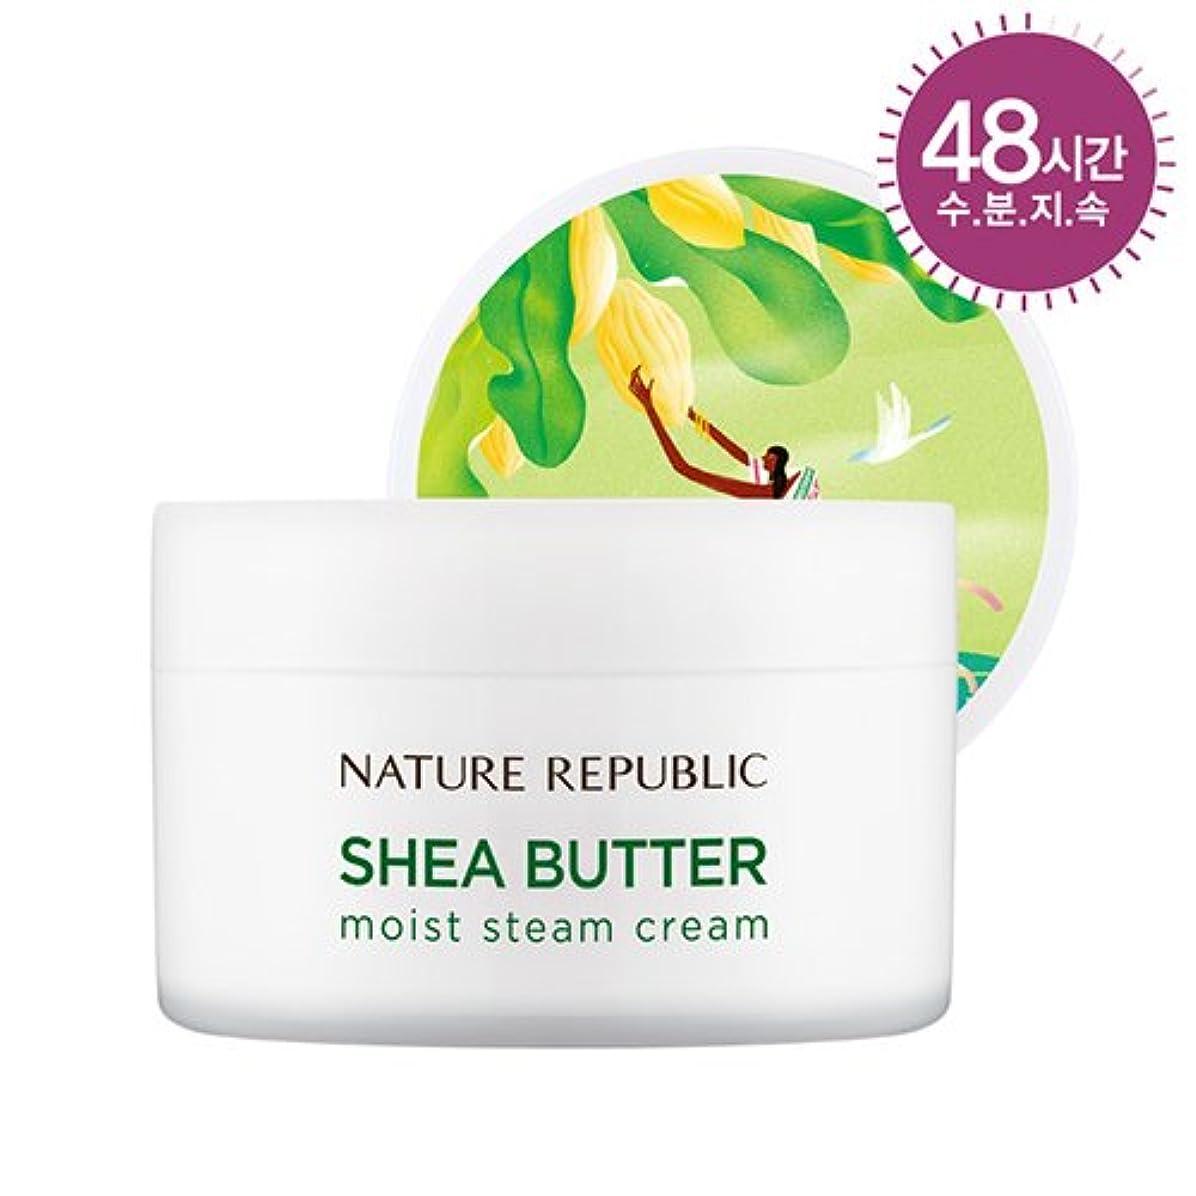 ボイコットルームツーリスト[ネイチャーリパブリック] NATURE REPUBLIC [スチームクリーム 100ml] (Shea Butter Steam Cream 100ml) (02 Moist Steam Cream) [並行輸入品]